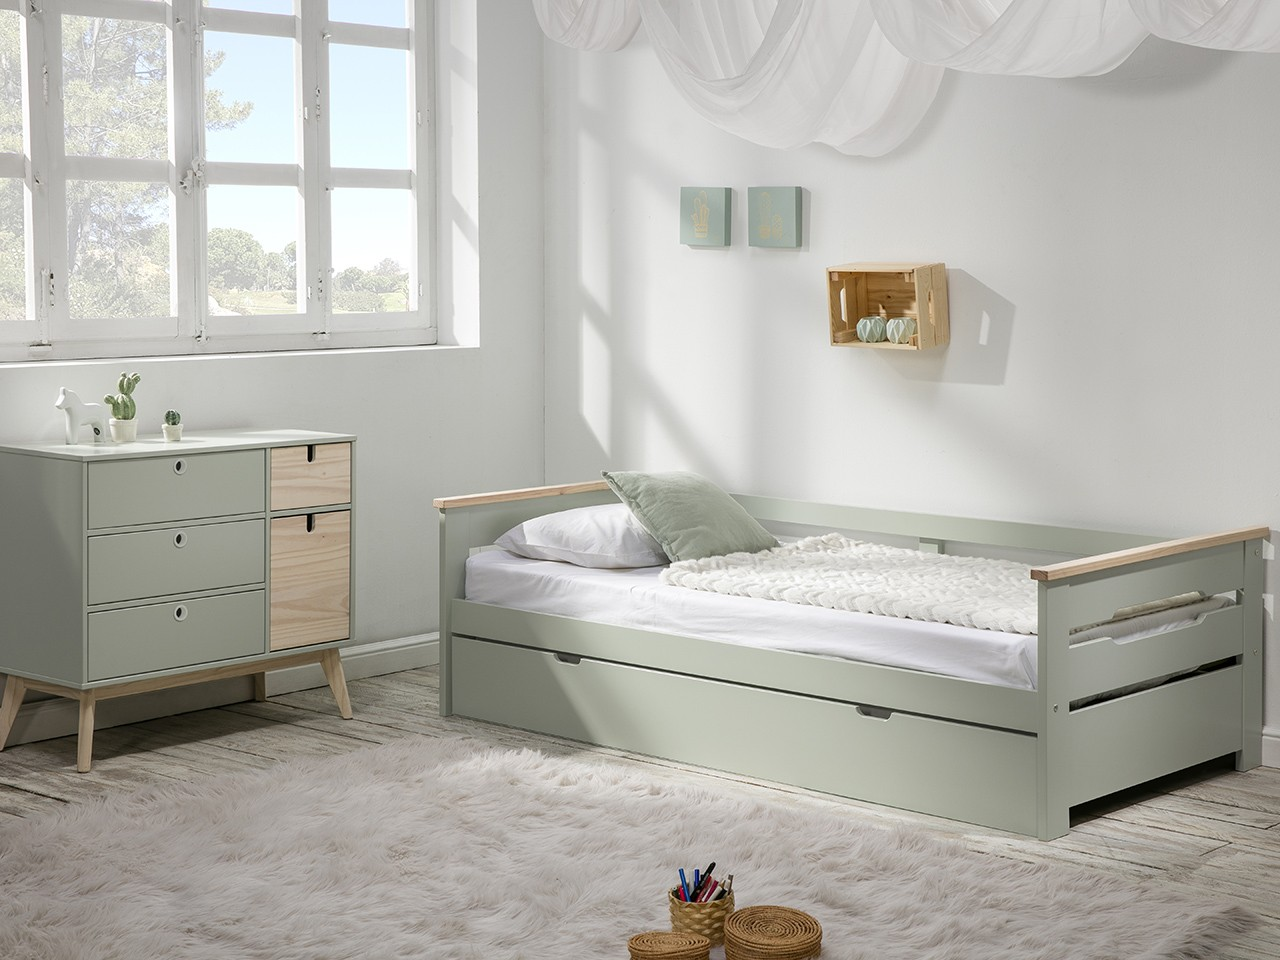 Bonito sillas de cocina baratas online galer a de im genes for Sillas modernas online